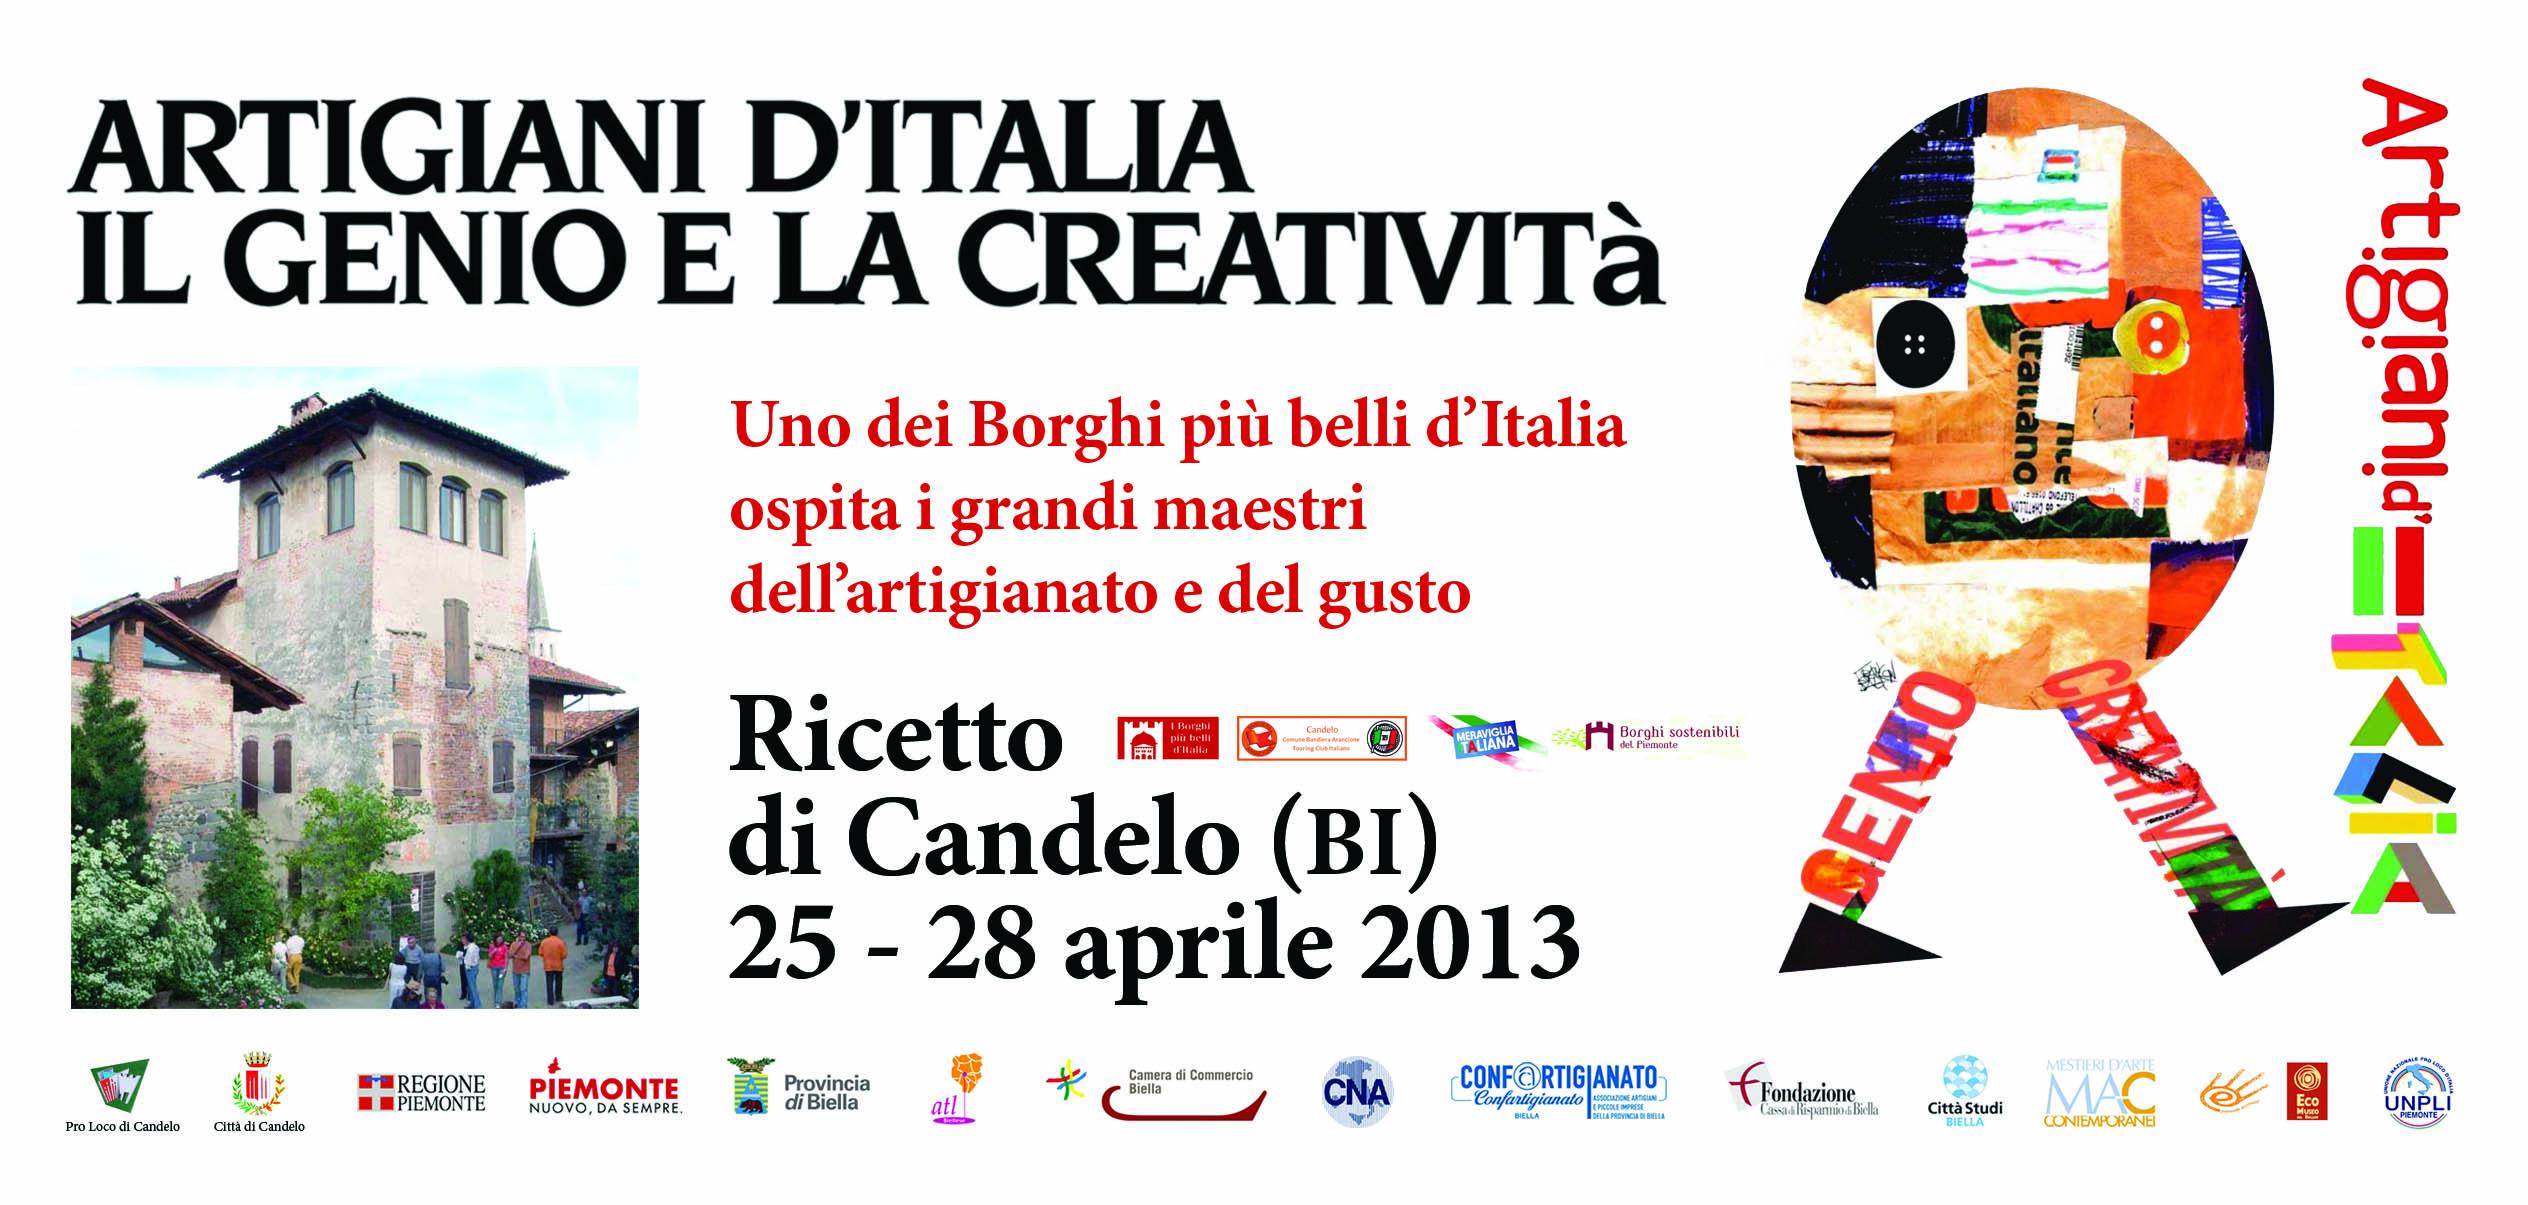 Artigiani d italia a ricetto di candelo ad aprile 2013 for Artigianato italia